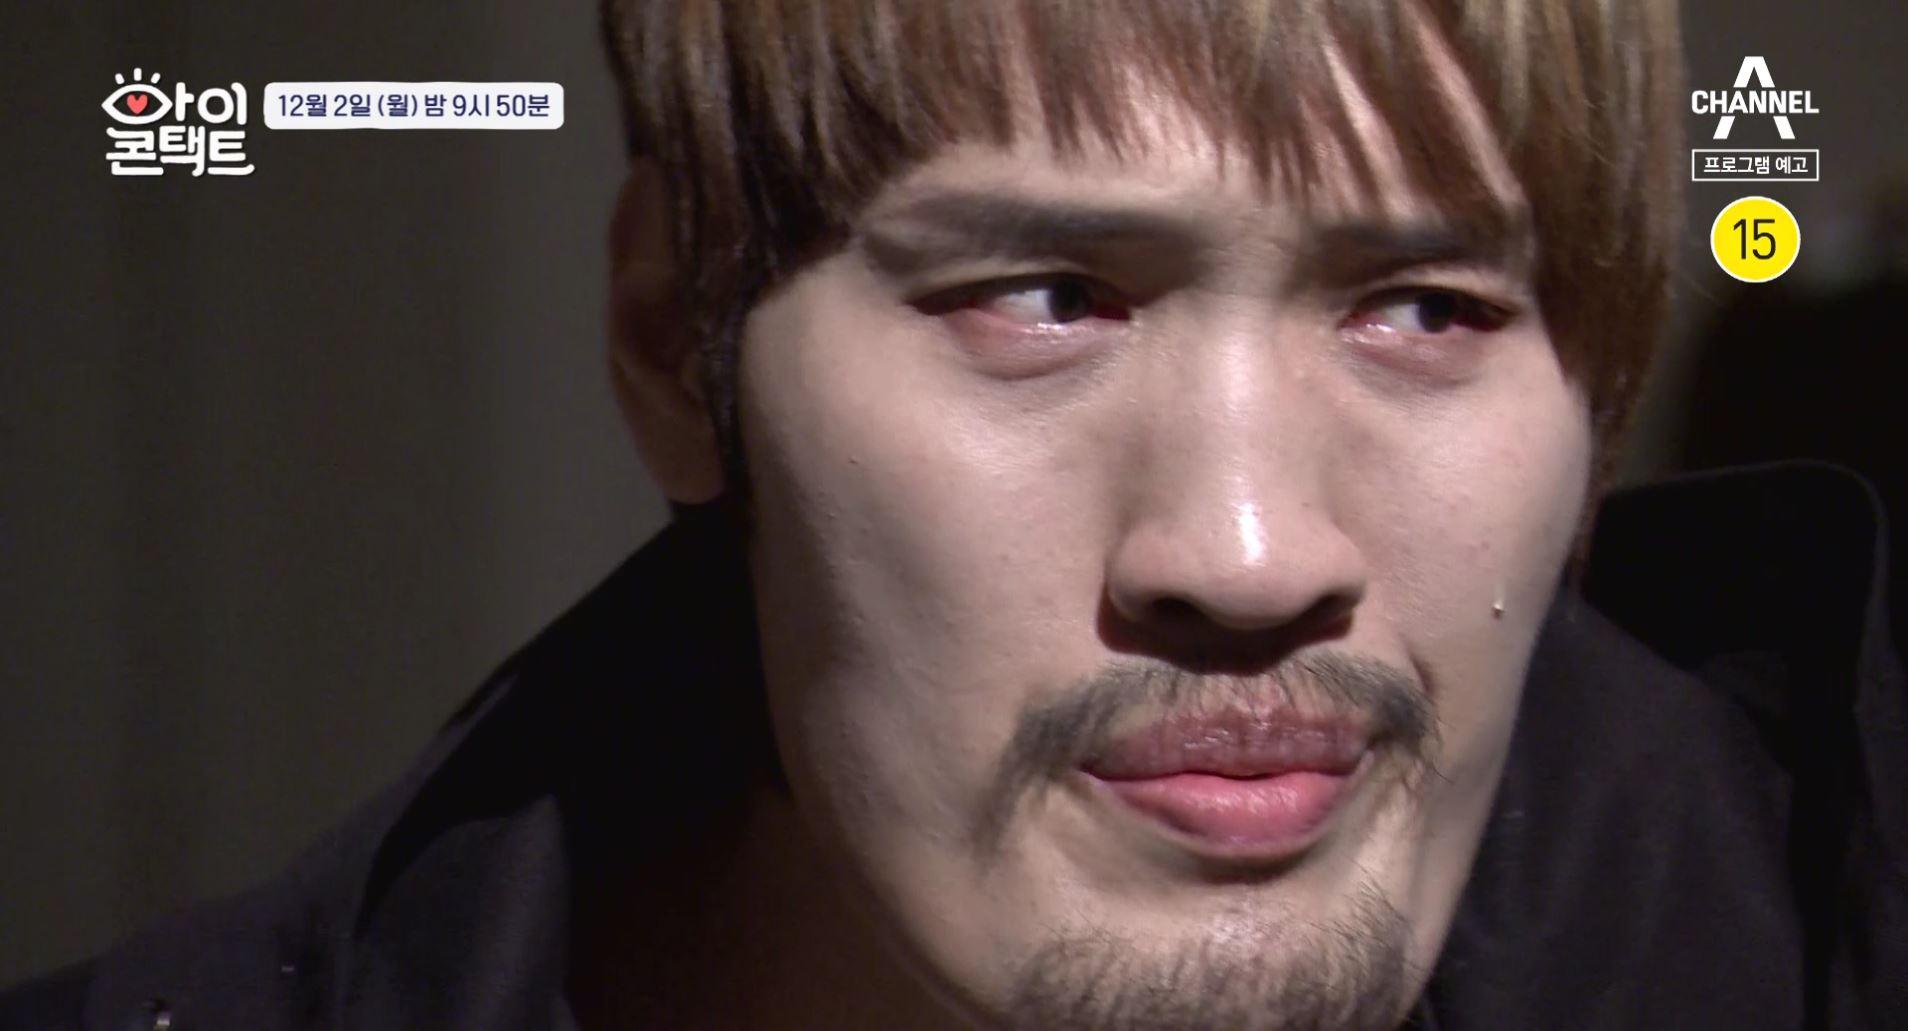 [예고] 최홍만, 그가 눈물을 흘리다?! 그에게 무슨 ....